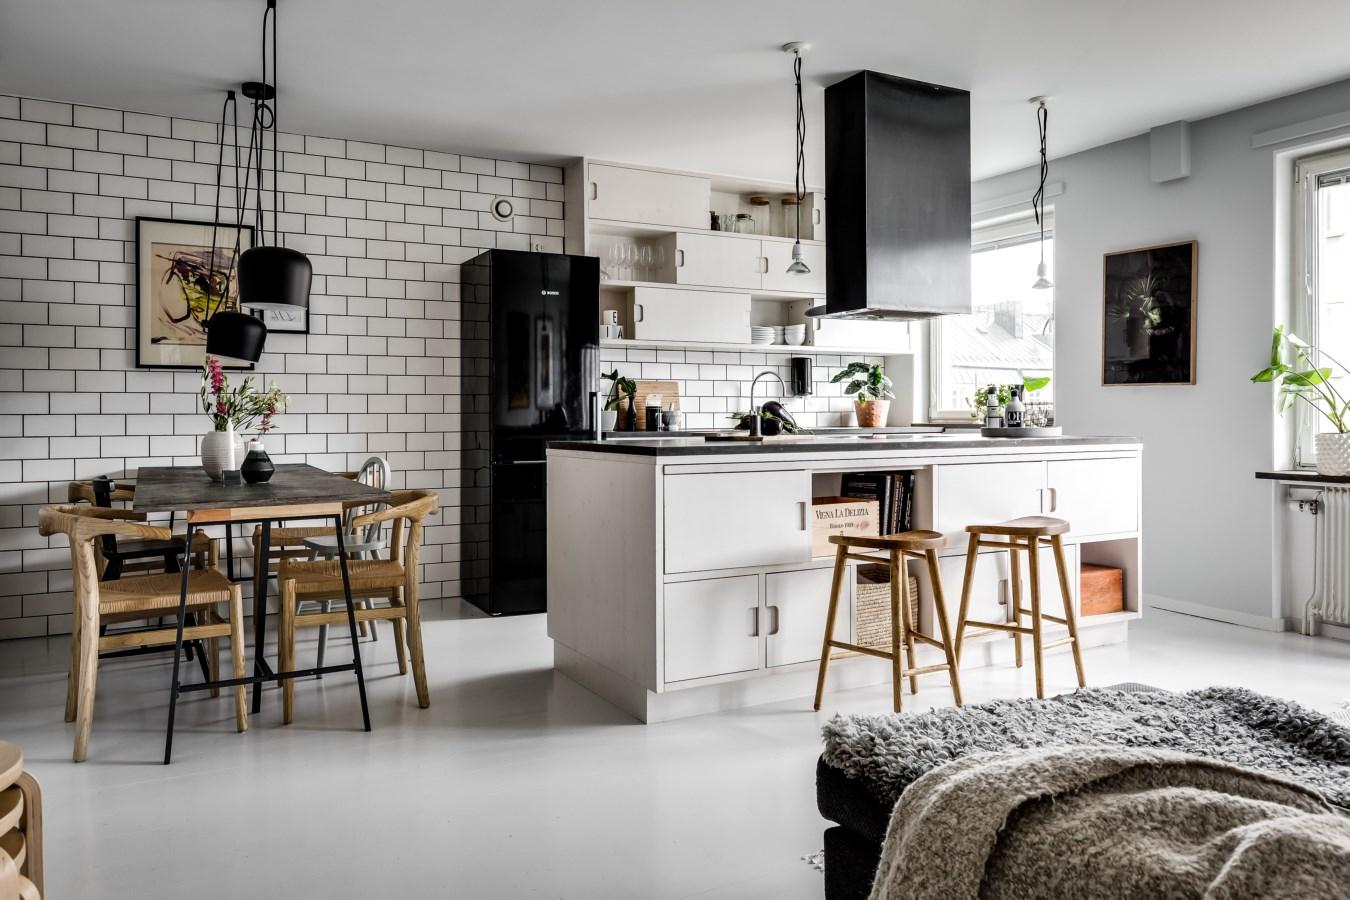 кухня гостиная стол стулья холодильник вытяжка